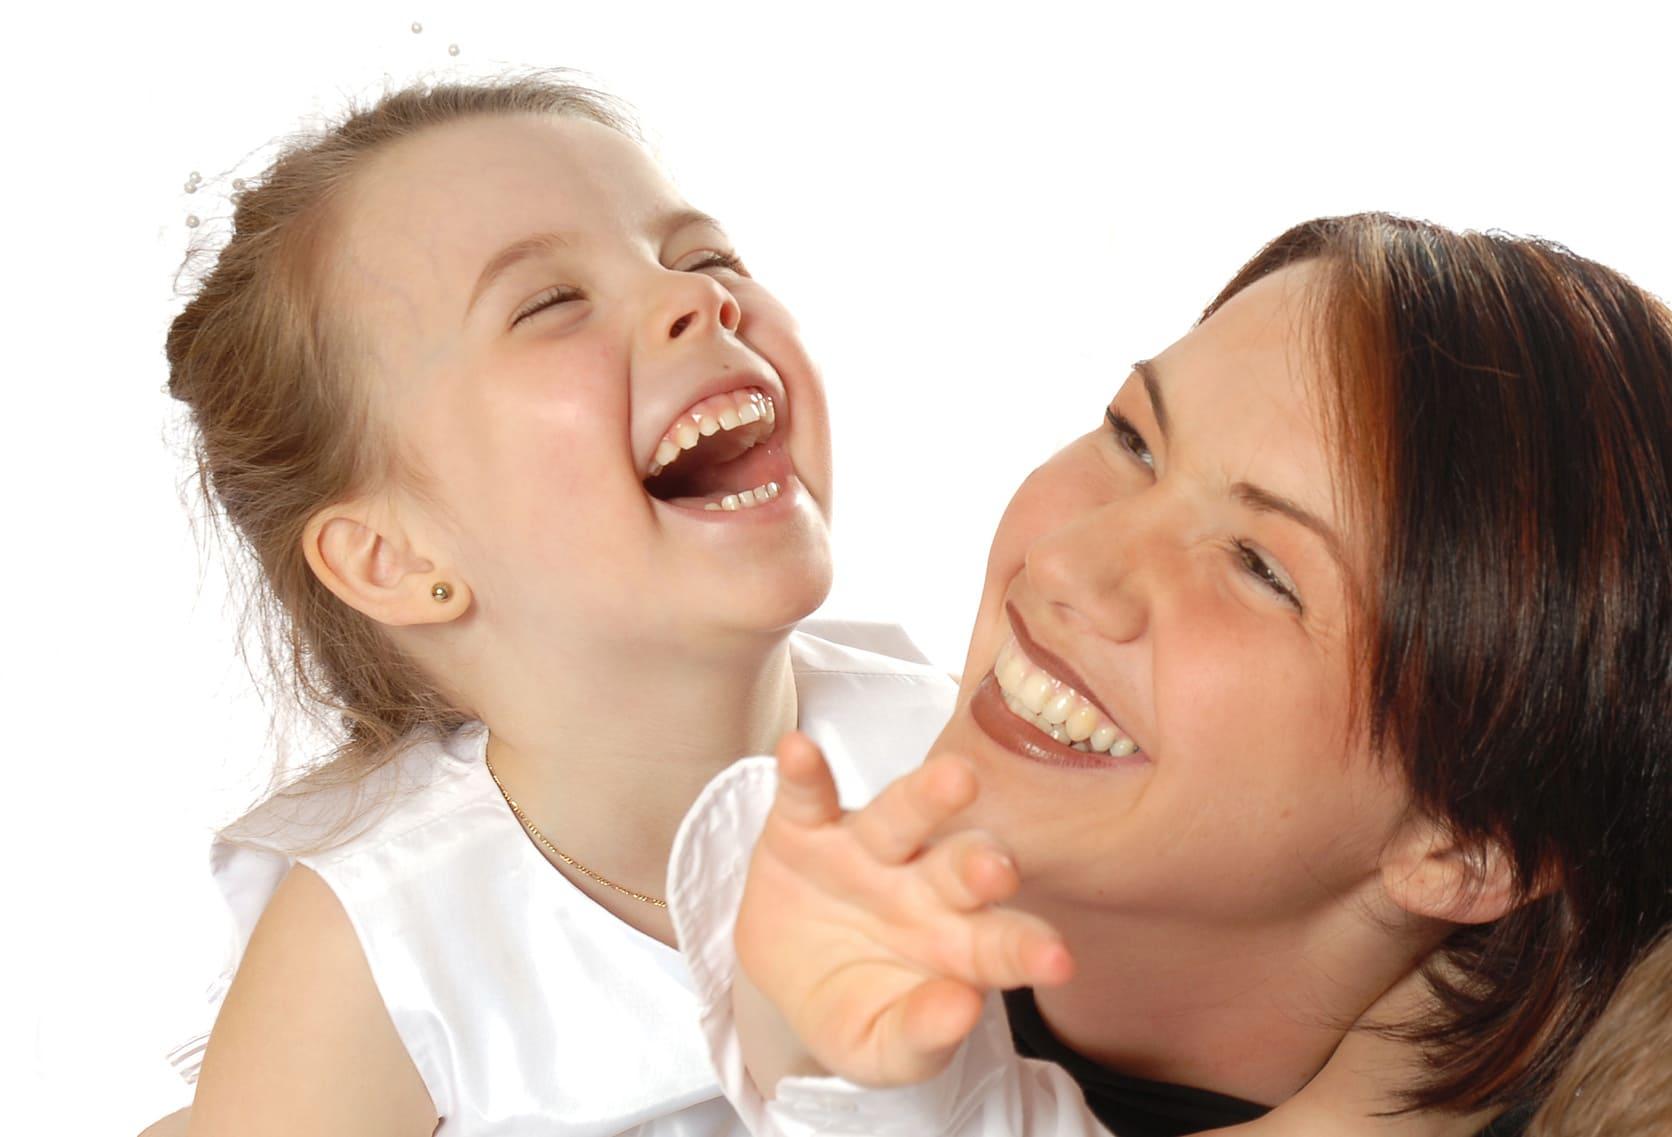 Танечка і мама смяюцца.